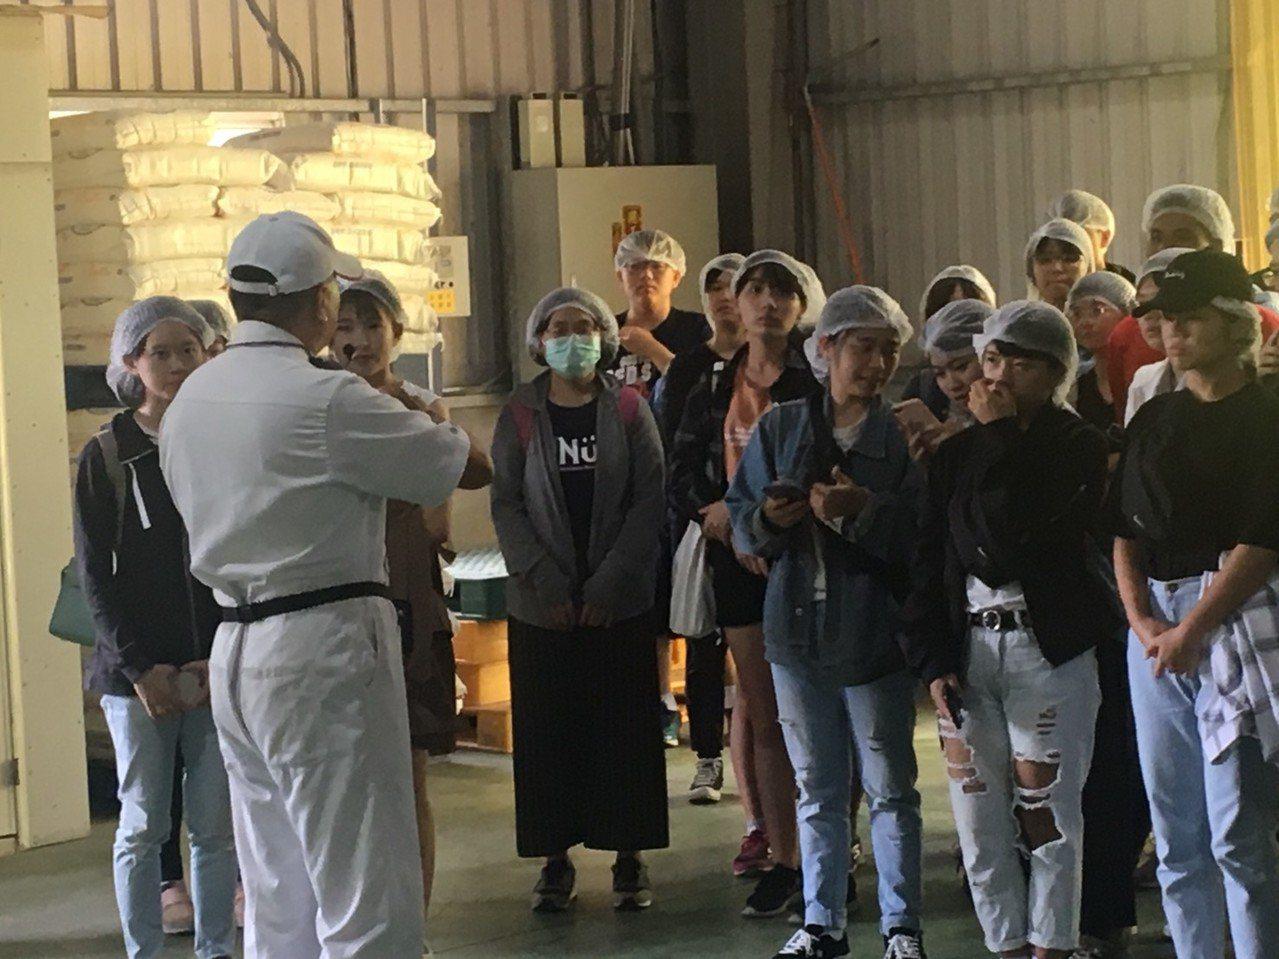 高雄大學師生至合進製麵廠參訪。圖/高雄大學提供